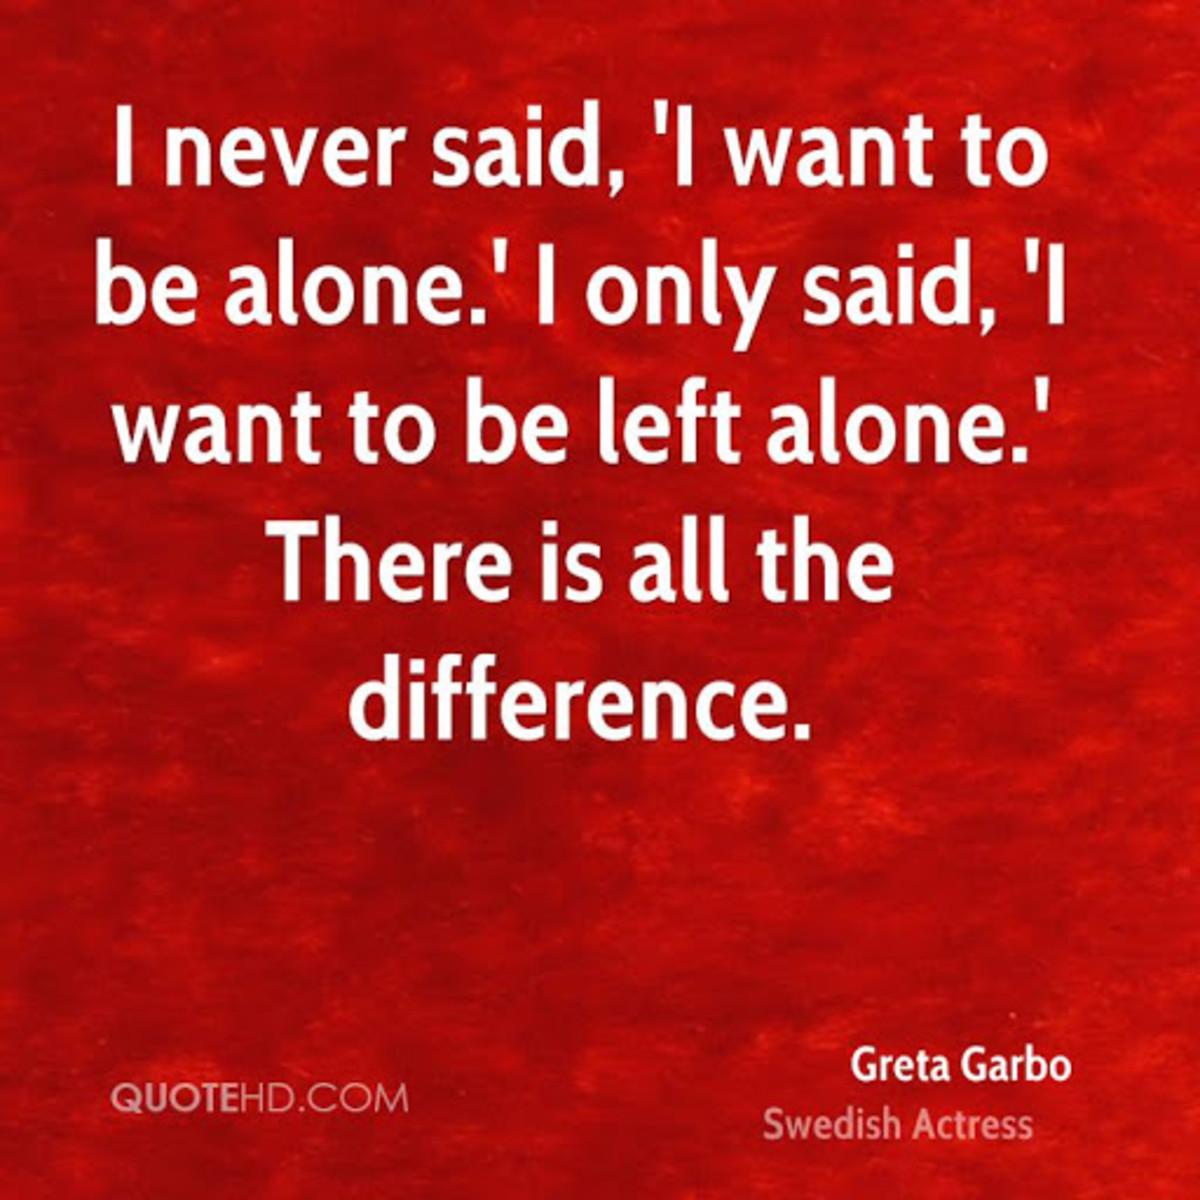 Greta Garbo's Famous Quote